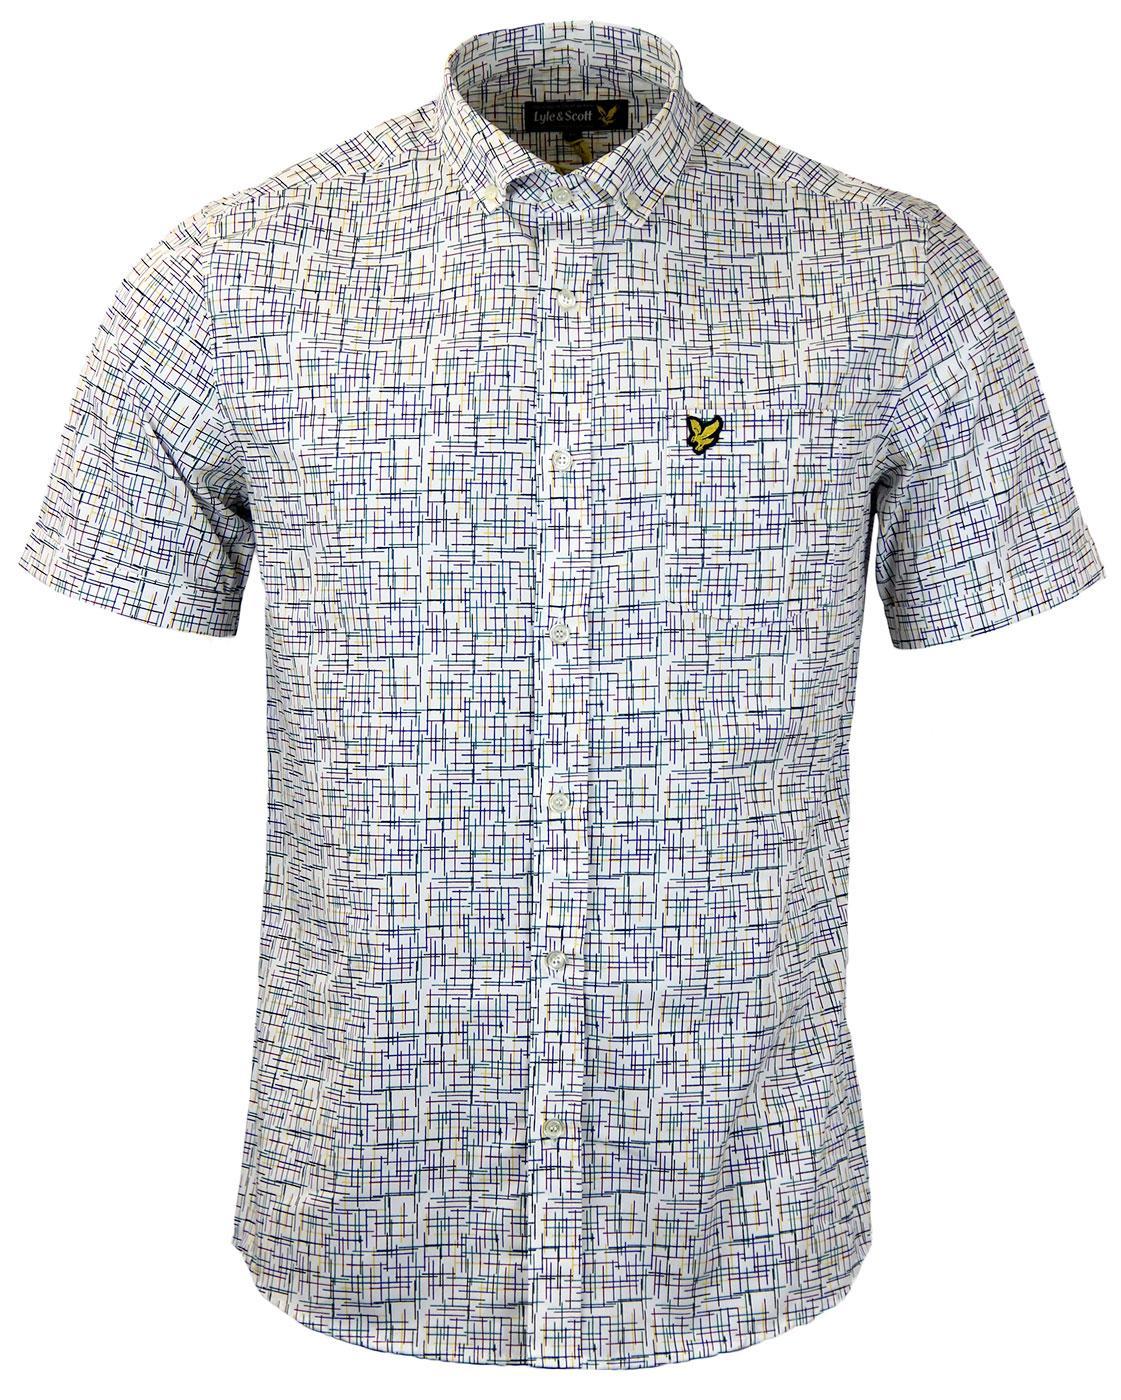 LYLE & SCOTT Mod Button Down Etch Print Shirt